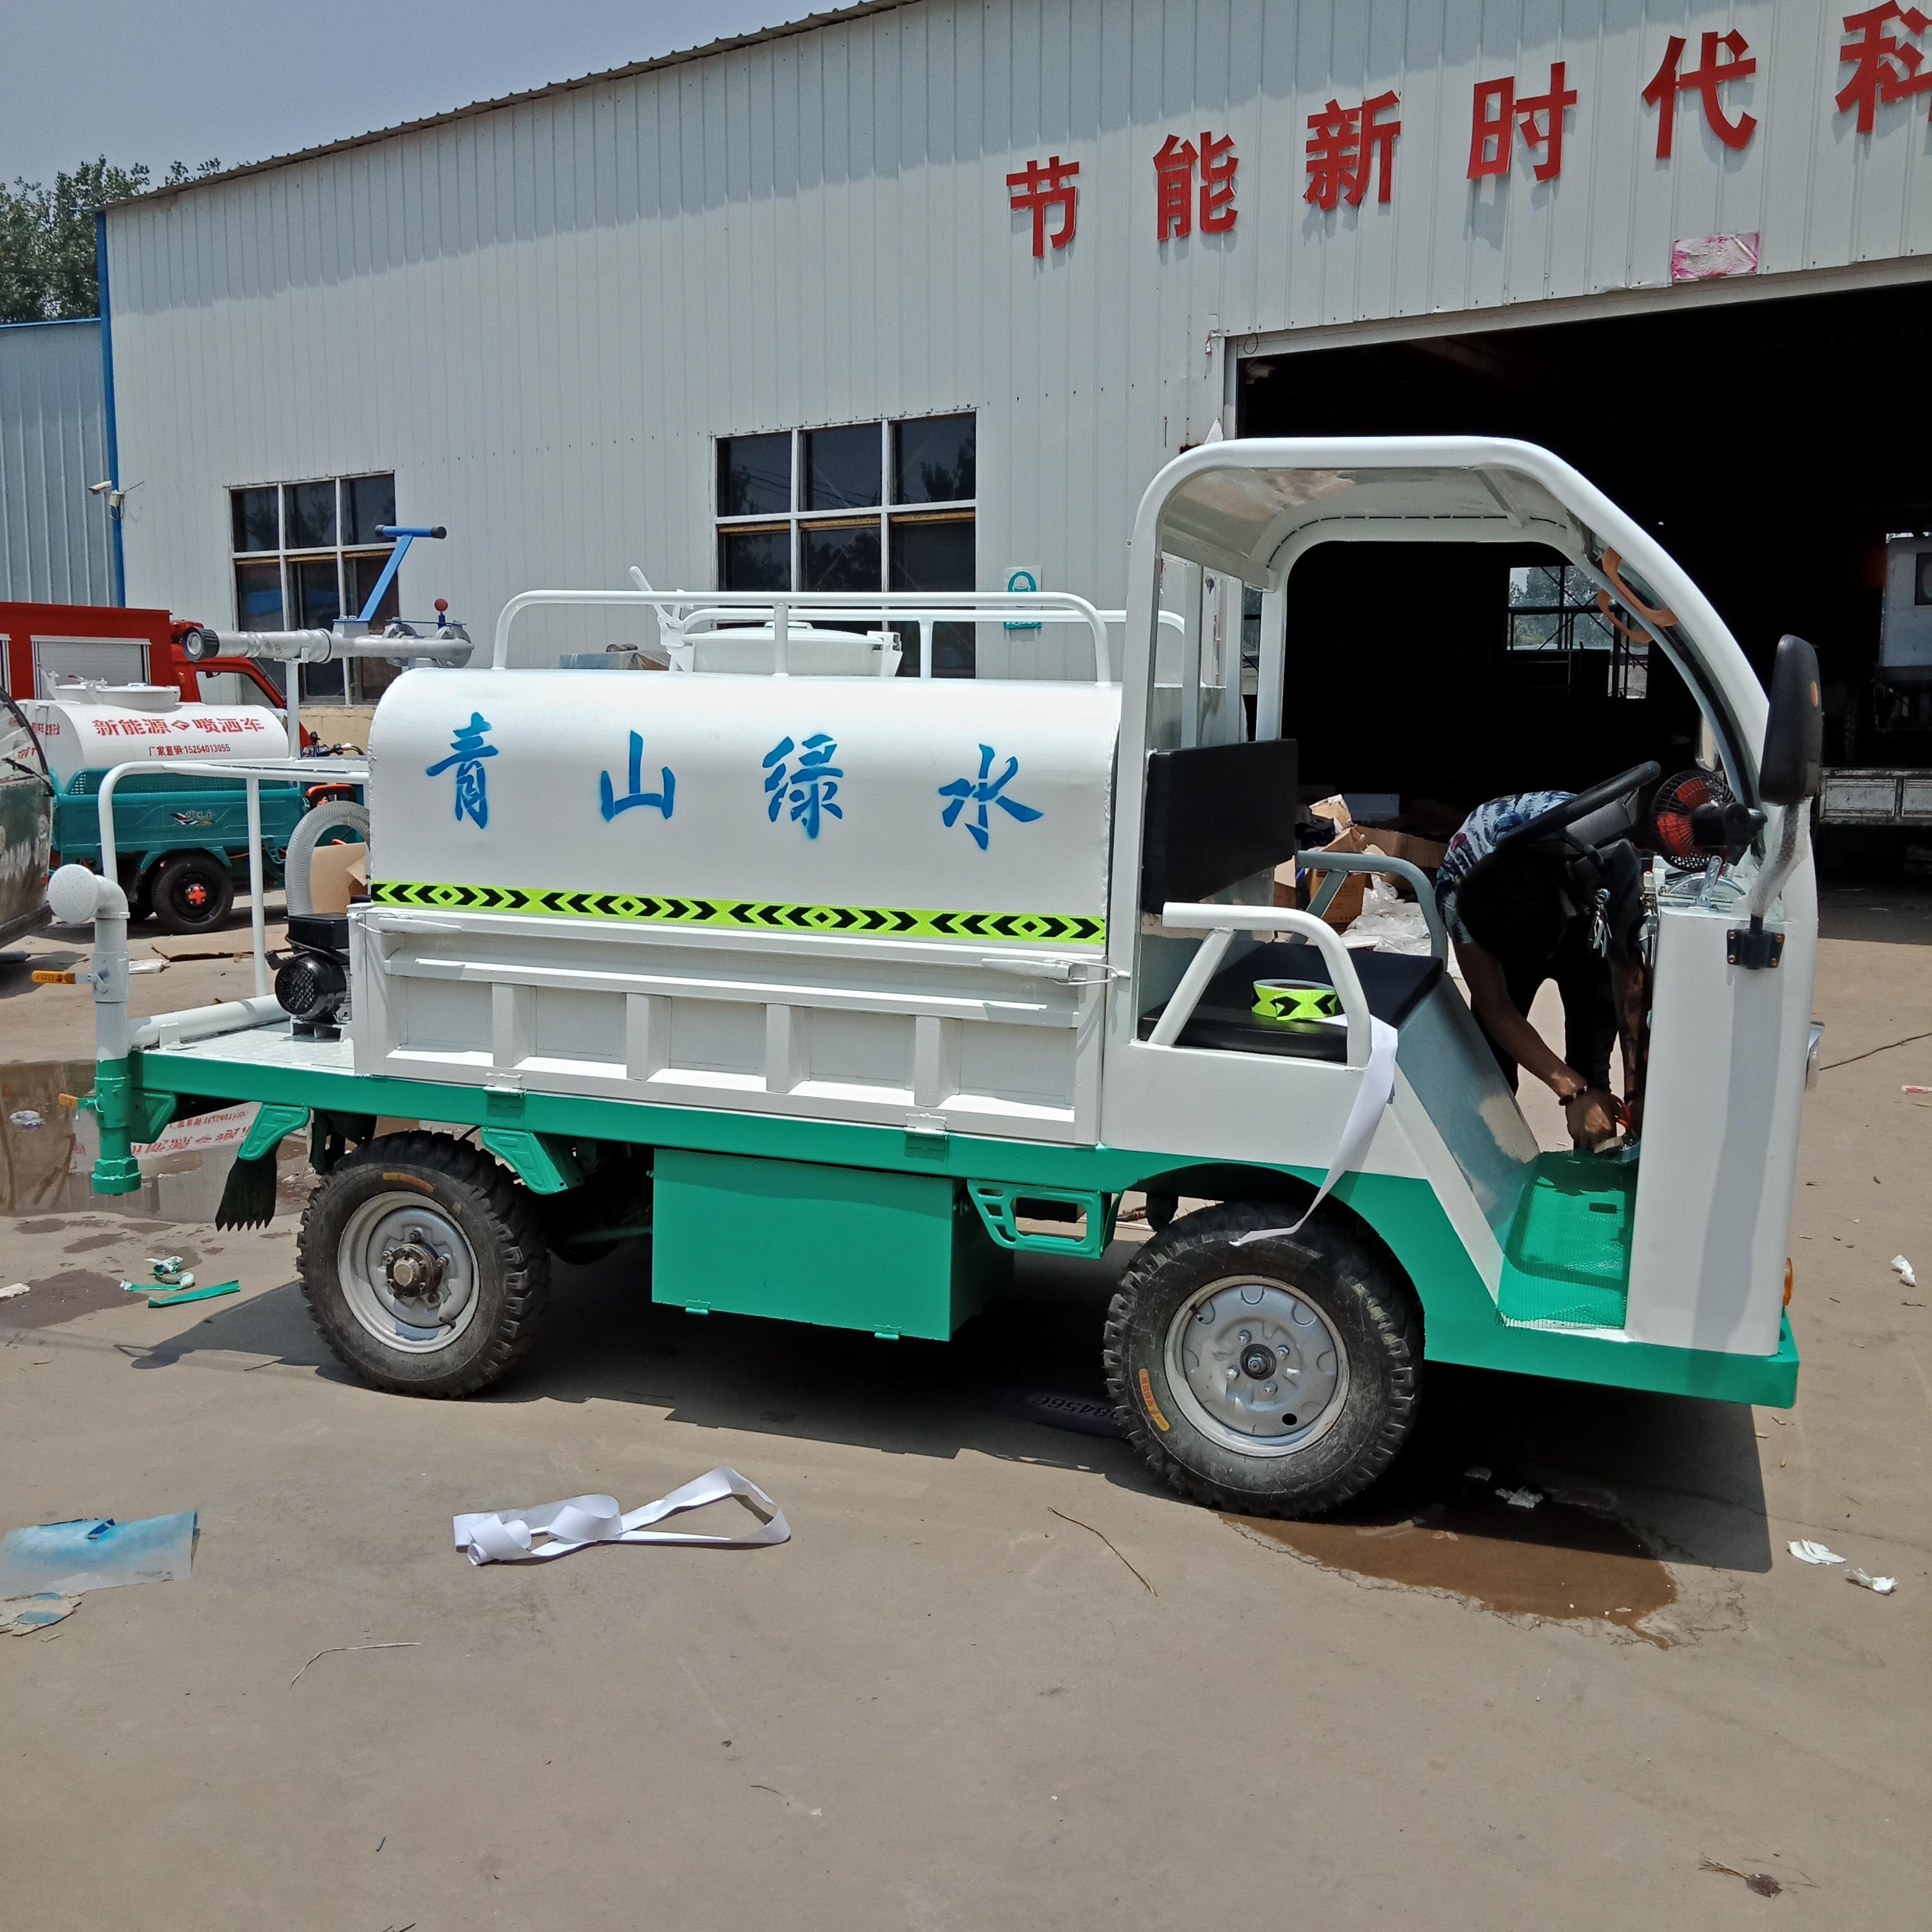 宁波电动洒水车制造厂、电动车价格、电动车品牌